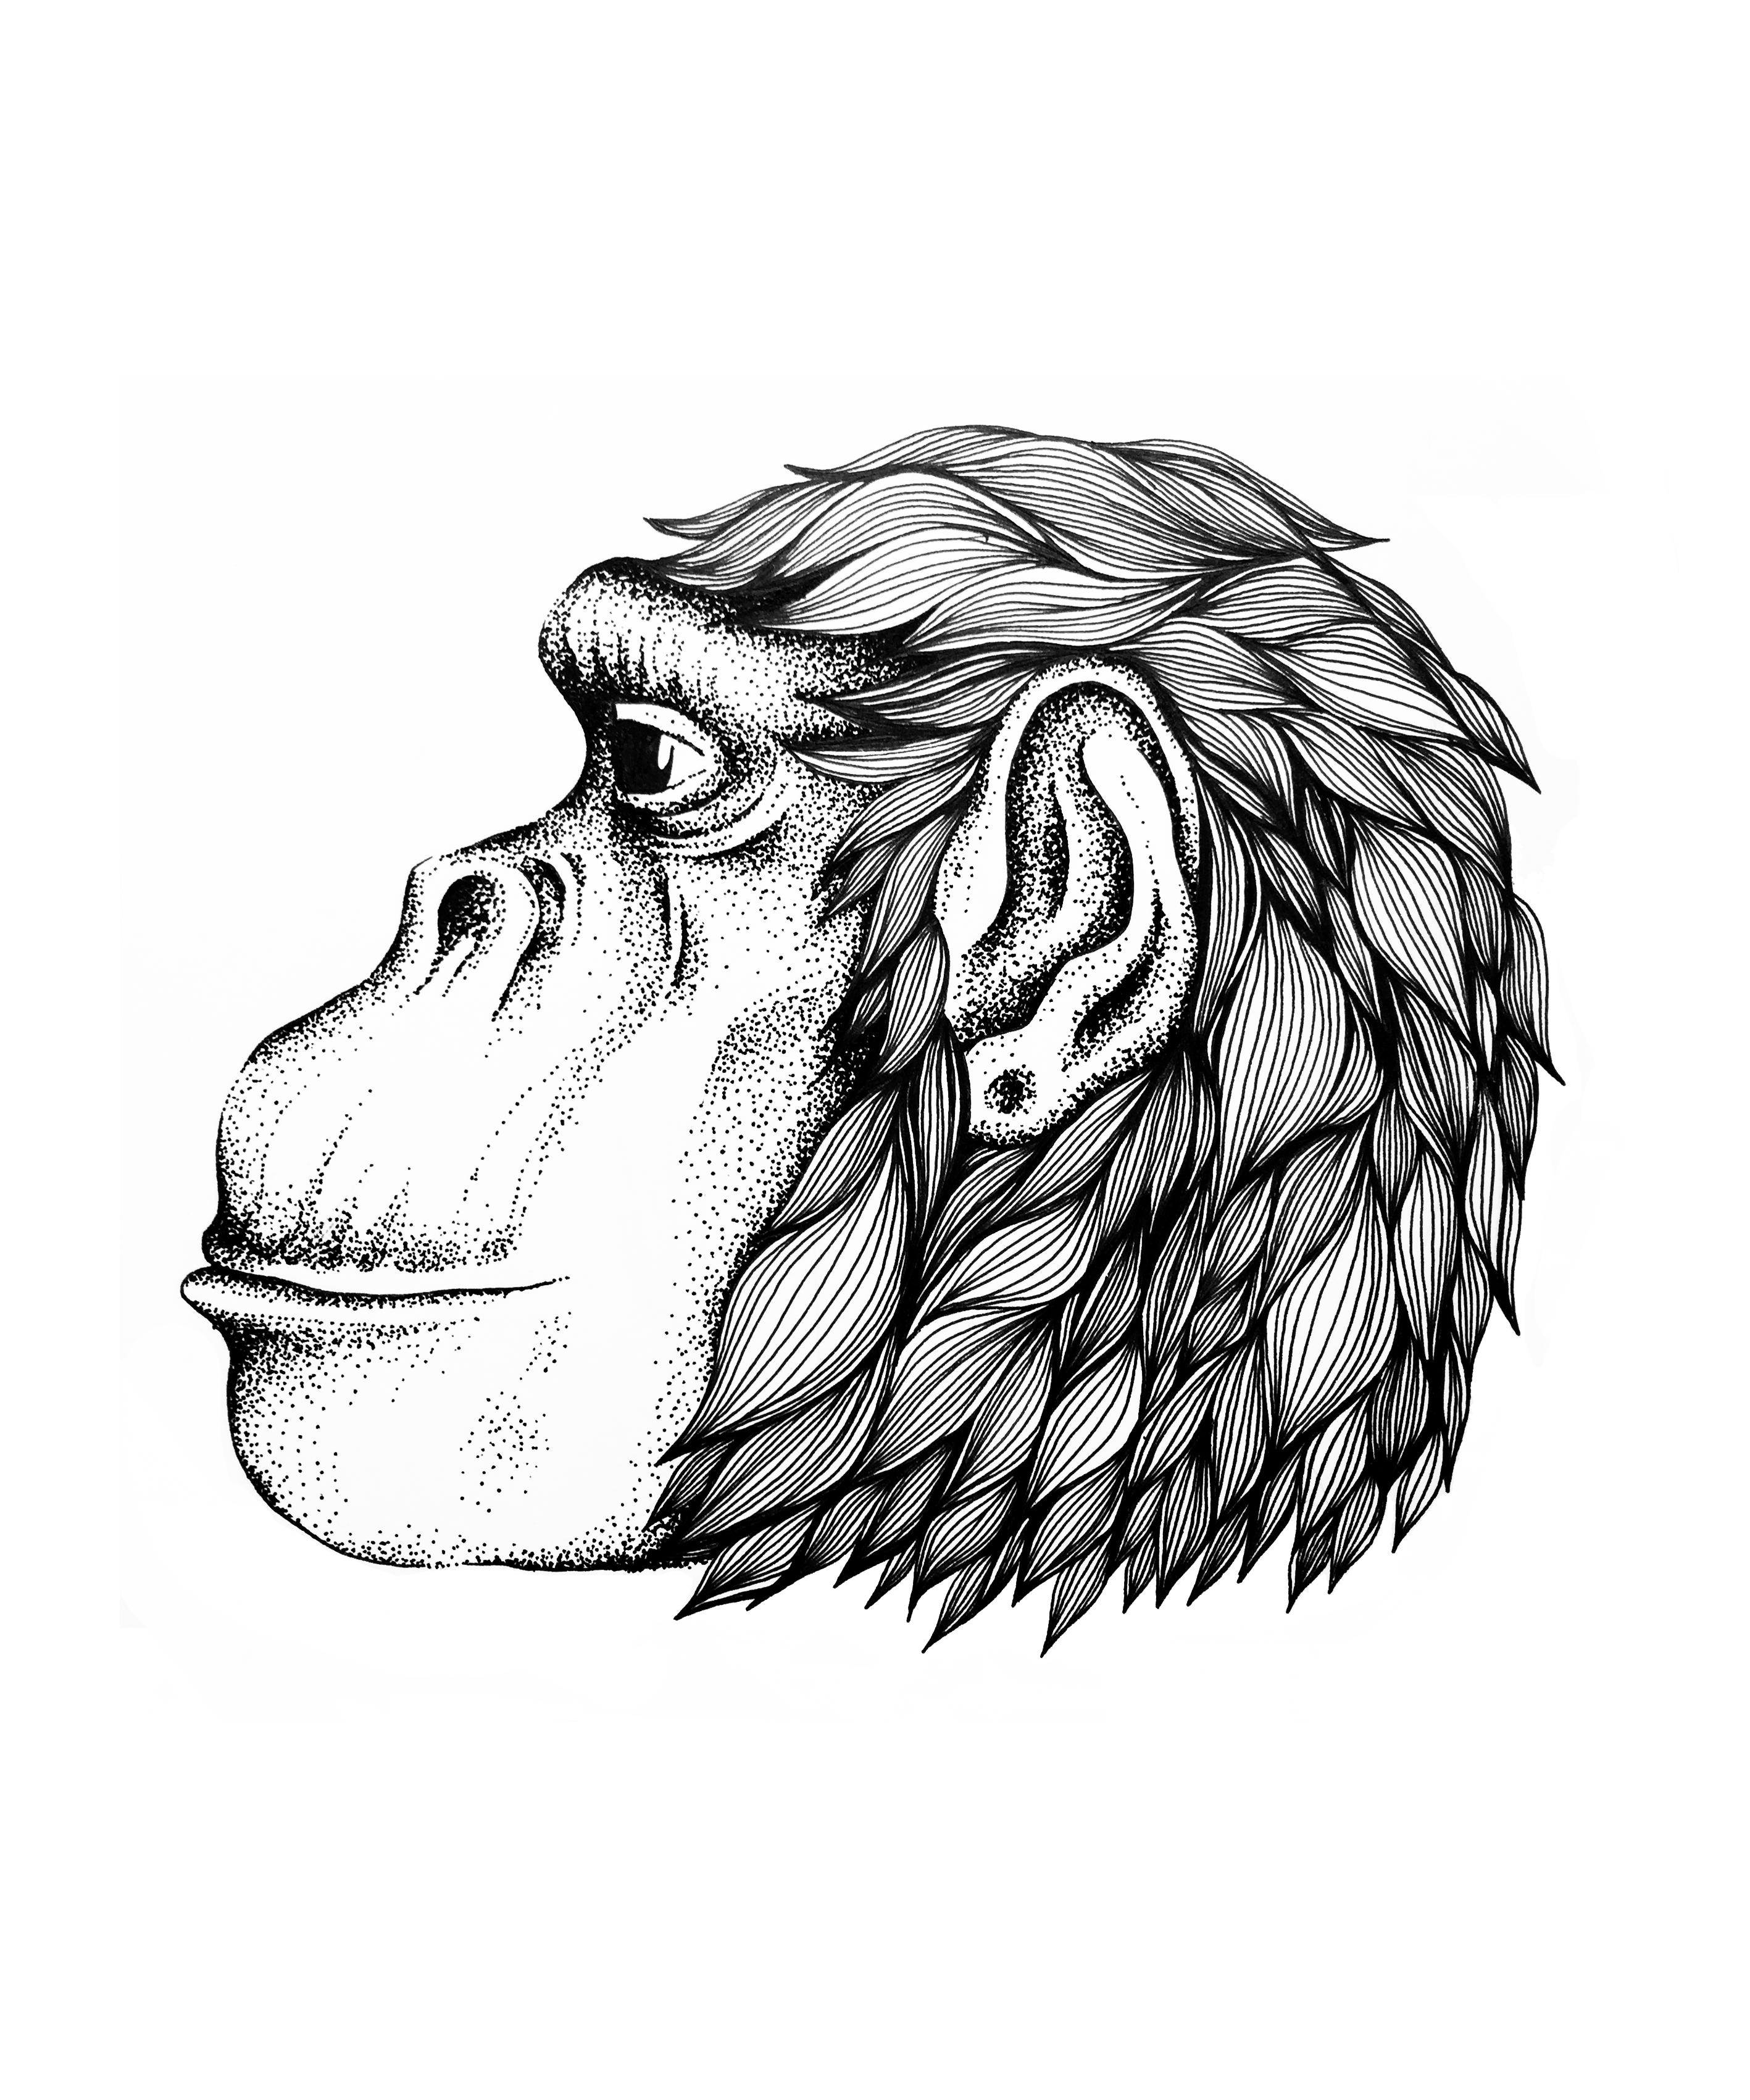 Ape_2